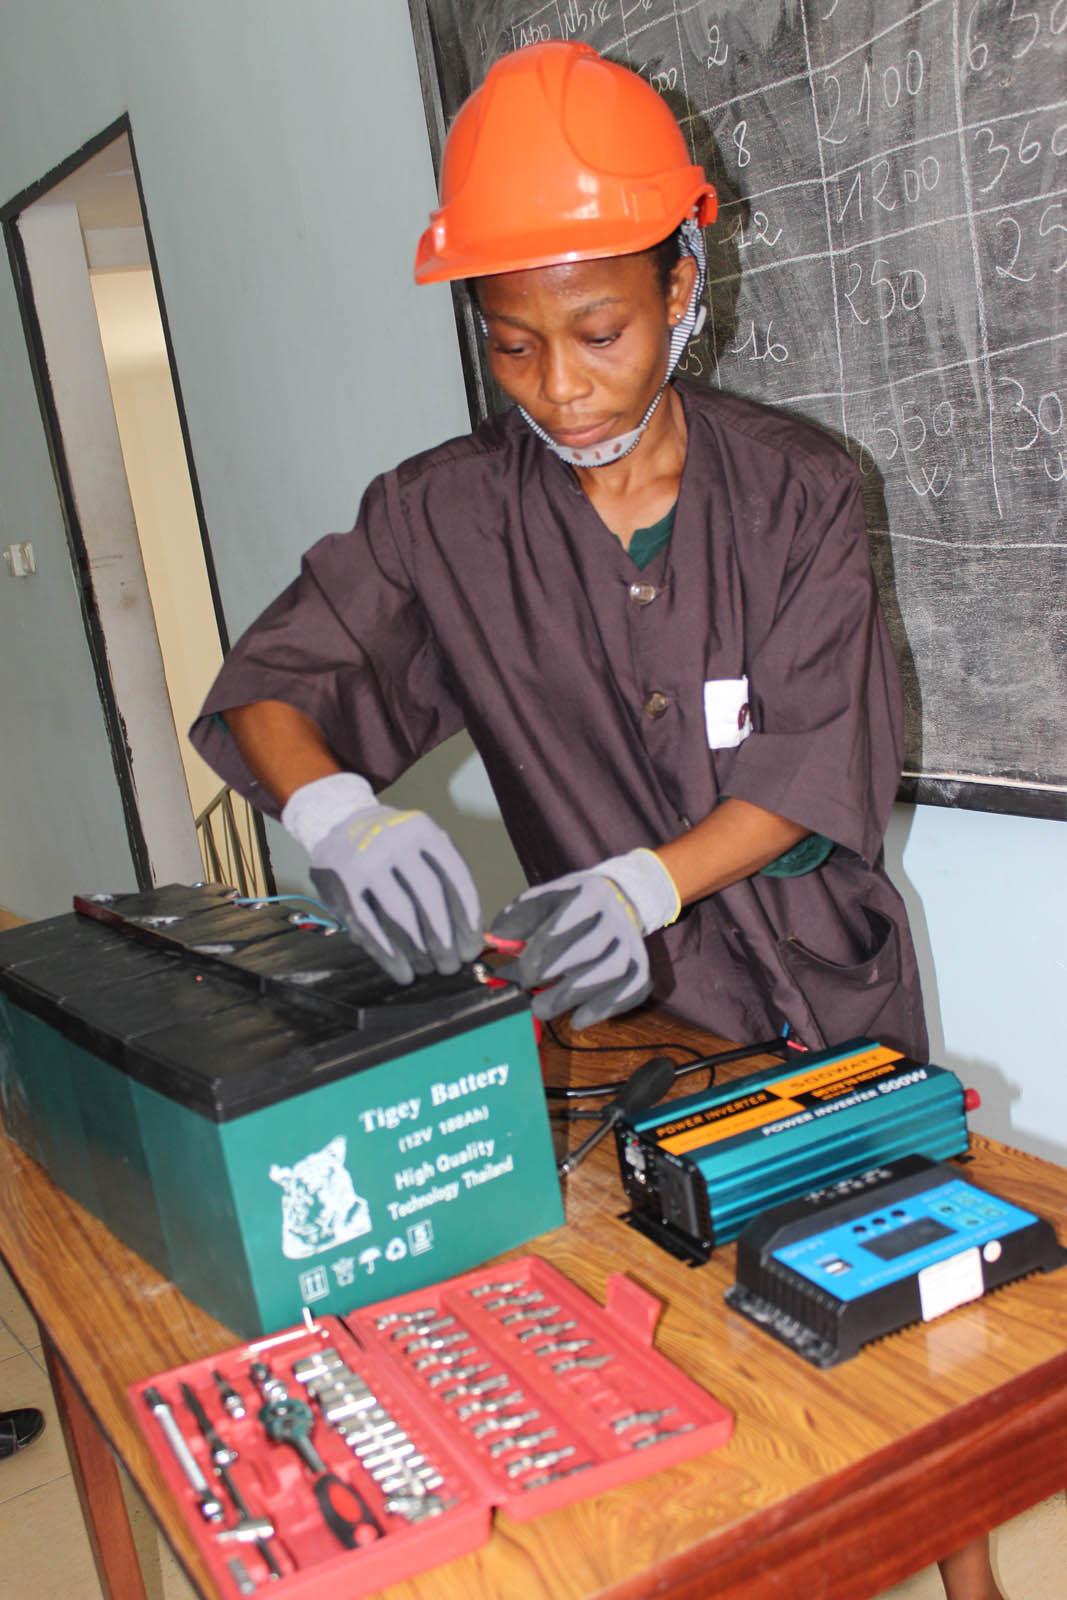 entreprenariat-feminin-un-programme-prevoit-de-lemploi-pour-1150-femmes-ivoiriennes-dans-le-secteur-de-lenergie